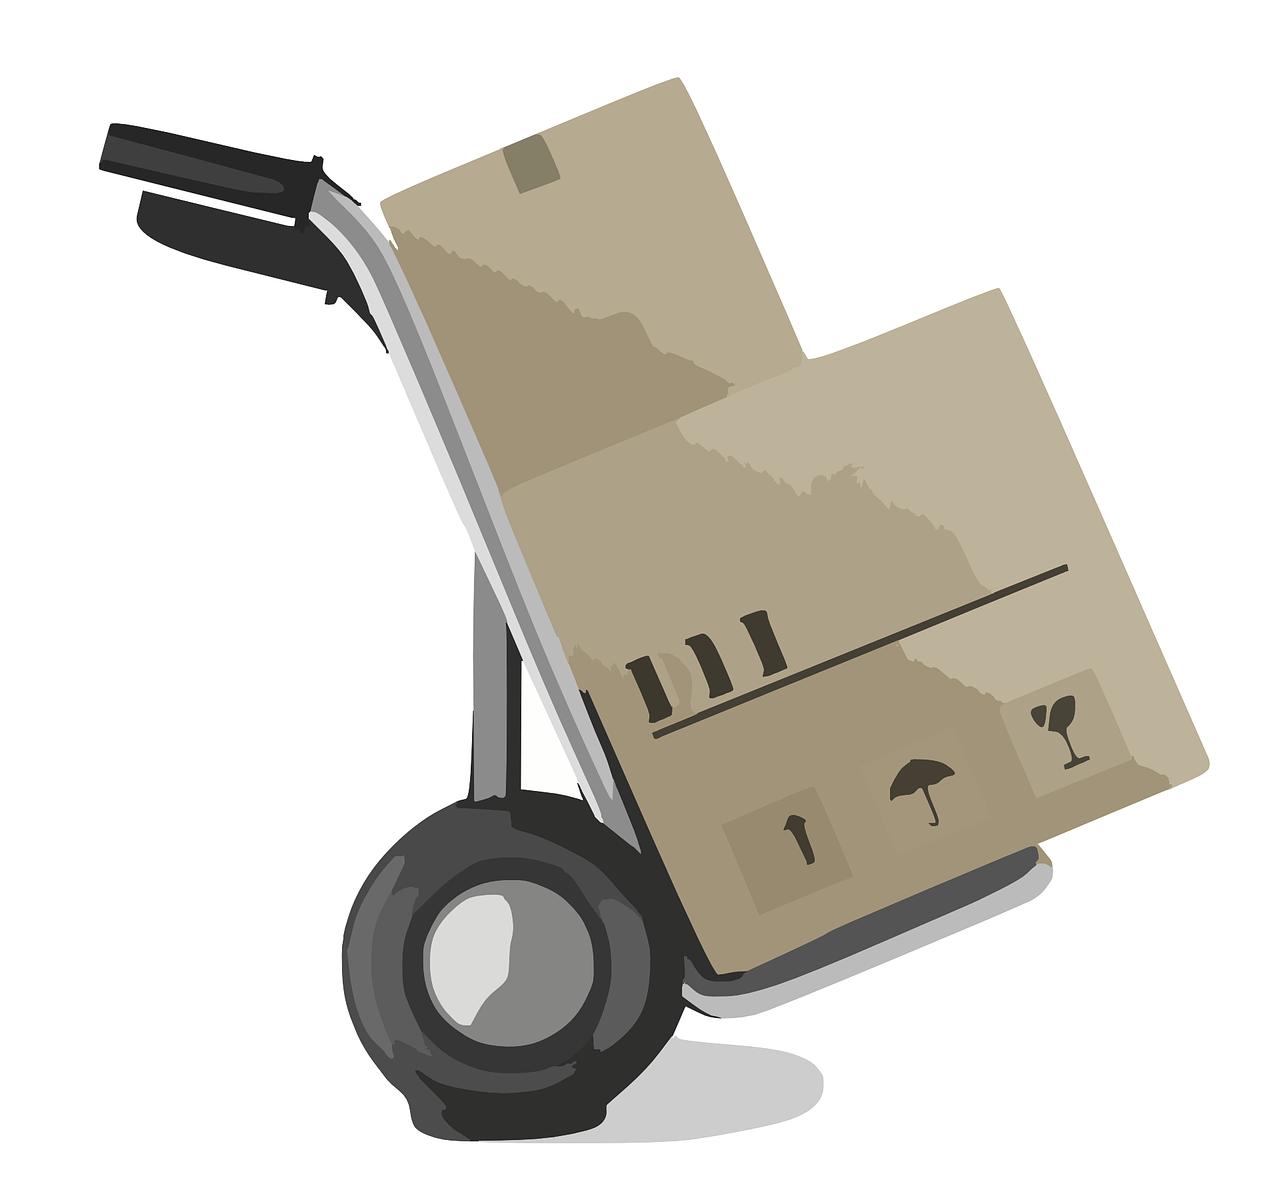 Nueva Propuesta de Reglamento europeo sobre los servicios de paquetería transfronterizos.